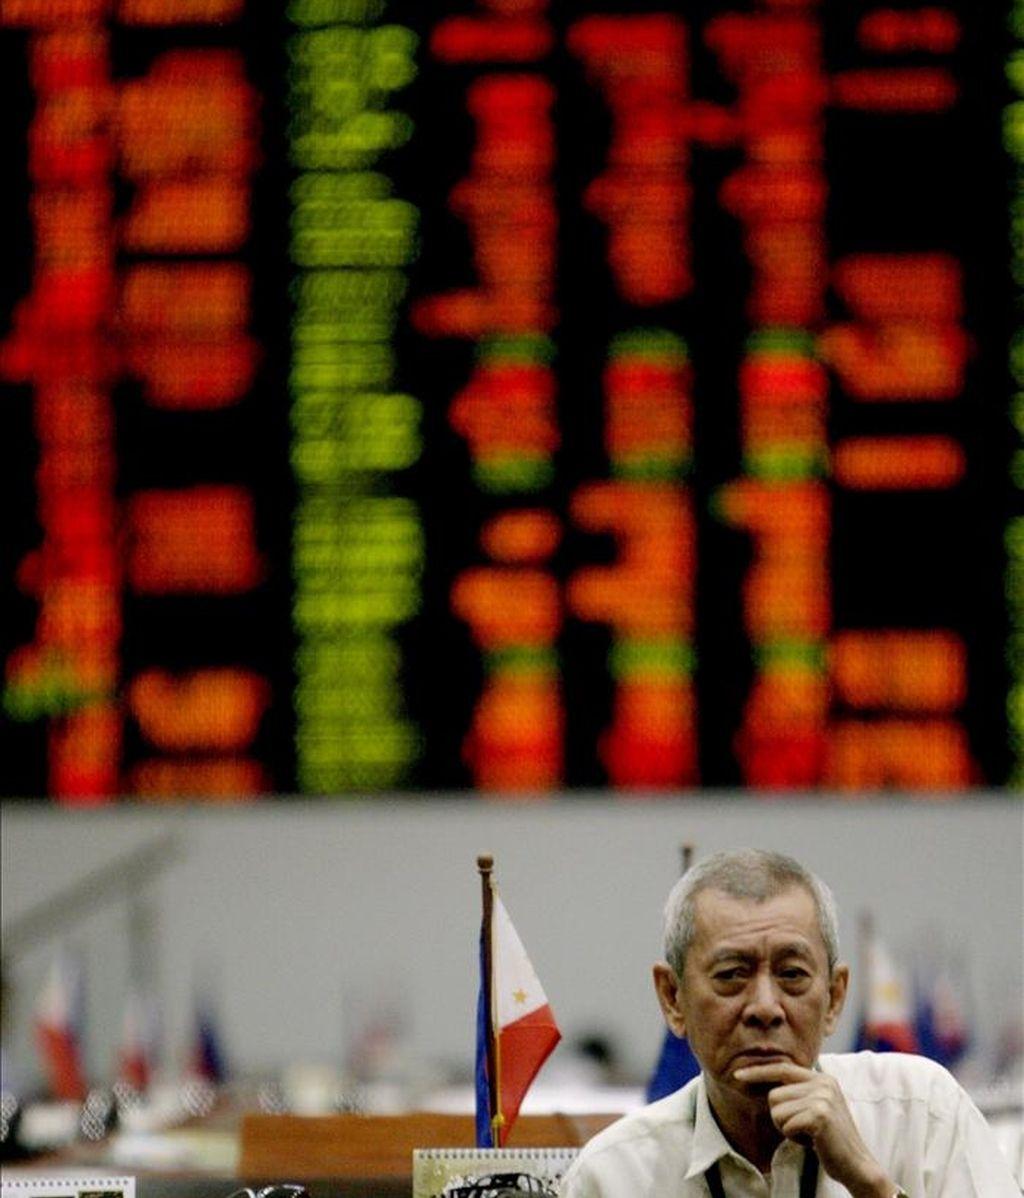 Un agente de bolsa filipino observa el estado de las acciones en la Bolsa del distrito financiero de Makati, en el sur de Manila (Filipinas). EFE/Archivo